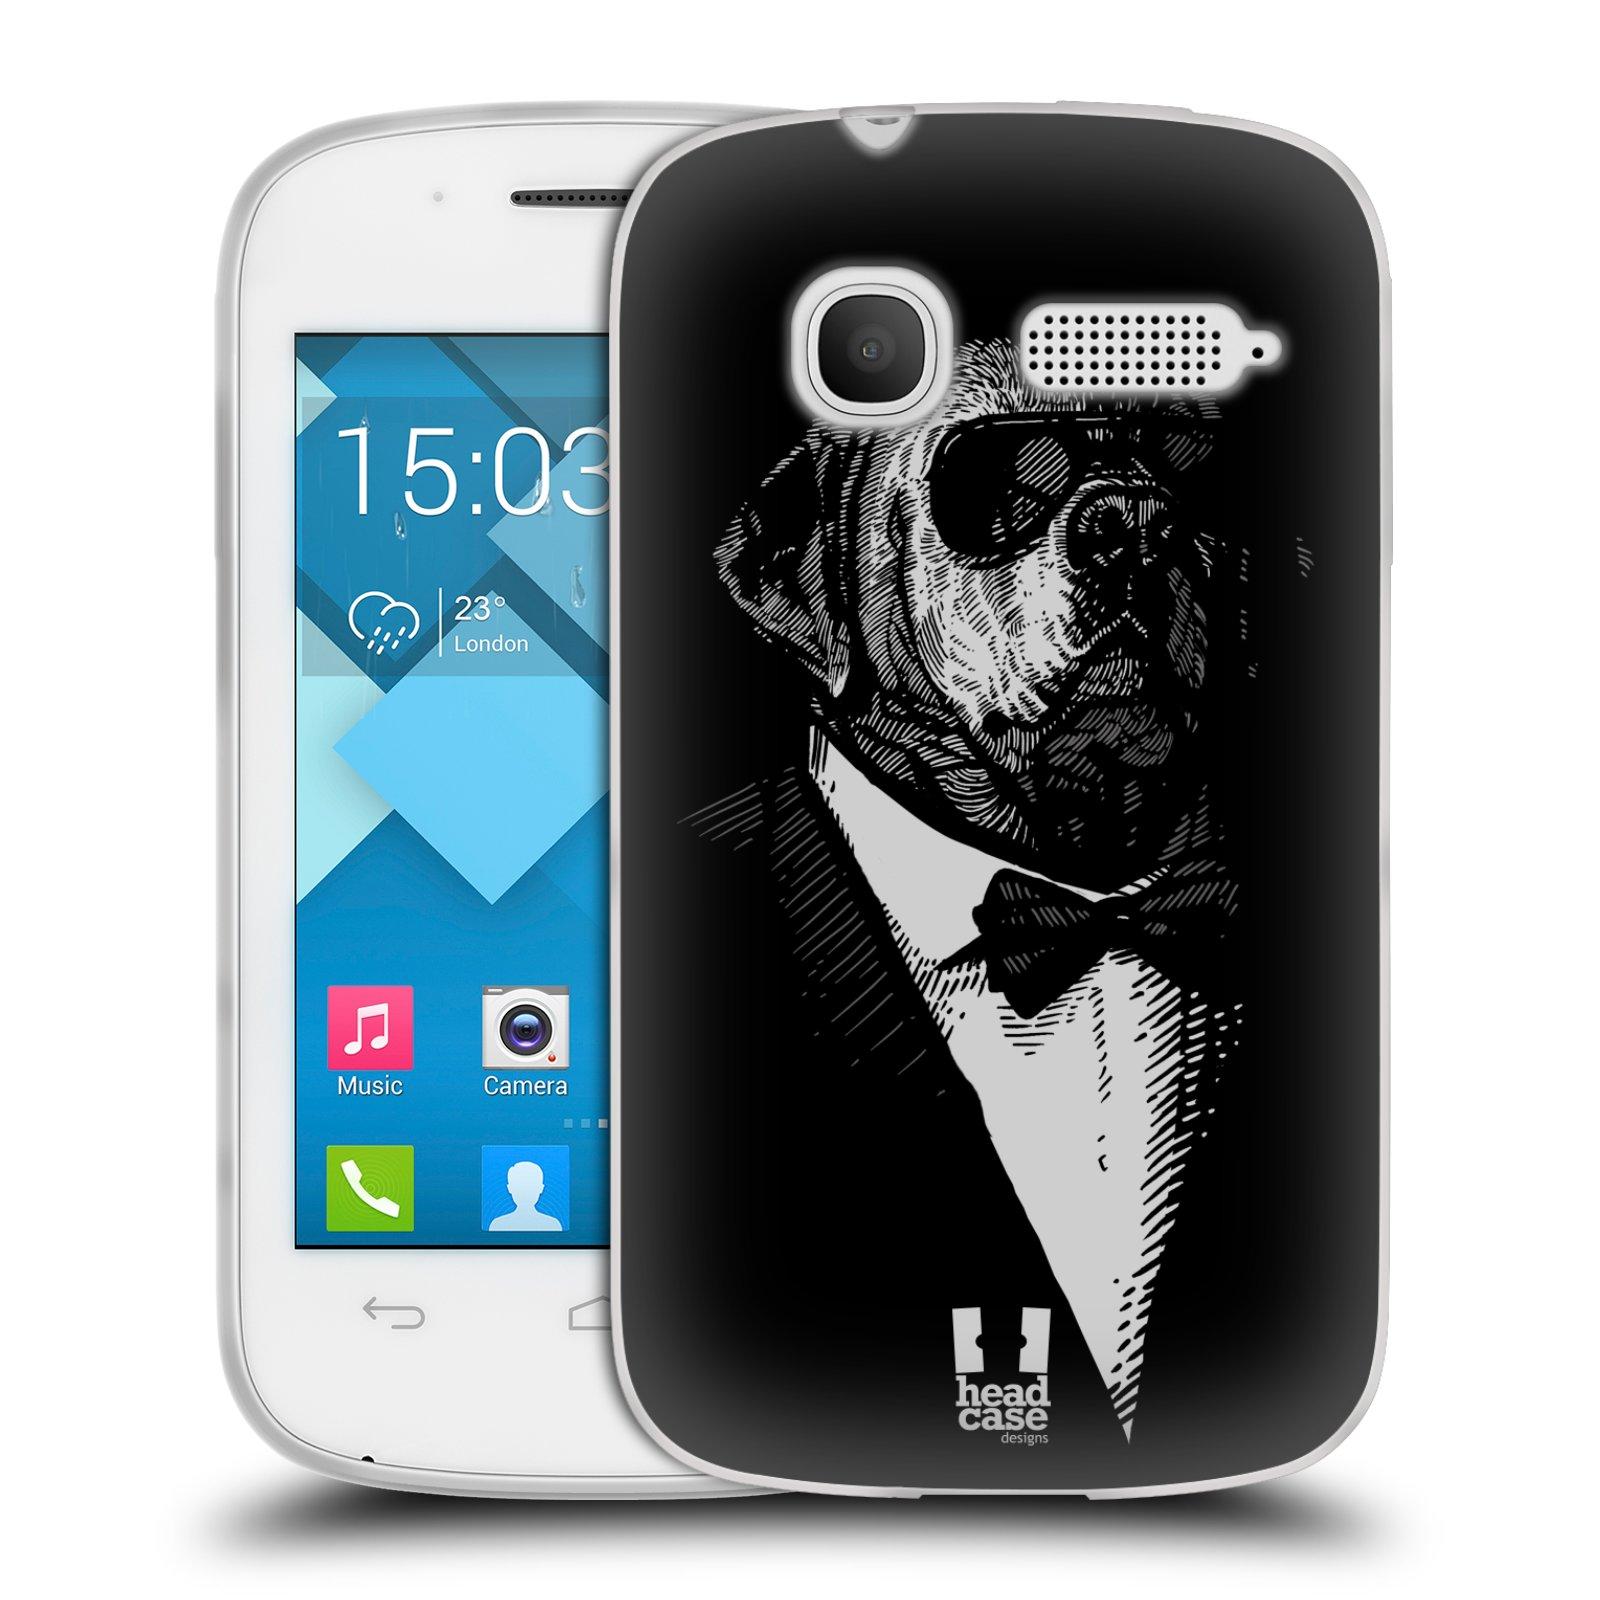 Silikonové pouzdro na mobil Alcatel One Touch Pop C1 HEAD CASE PSISKO V KVÁDRU (Silikonový kryt či obal na mobilní telefon Alcatel OT-4015D POP C1)